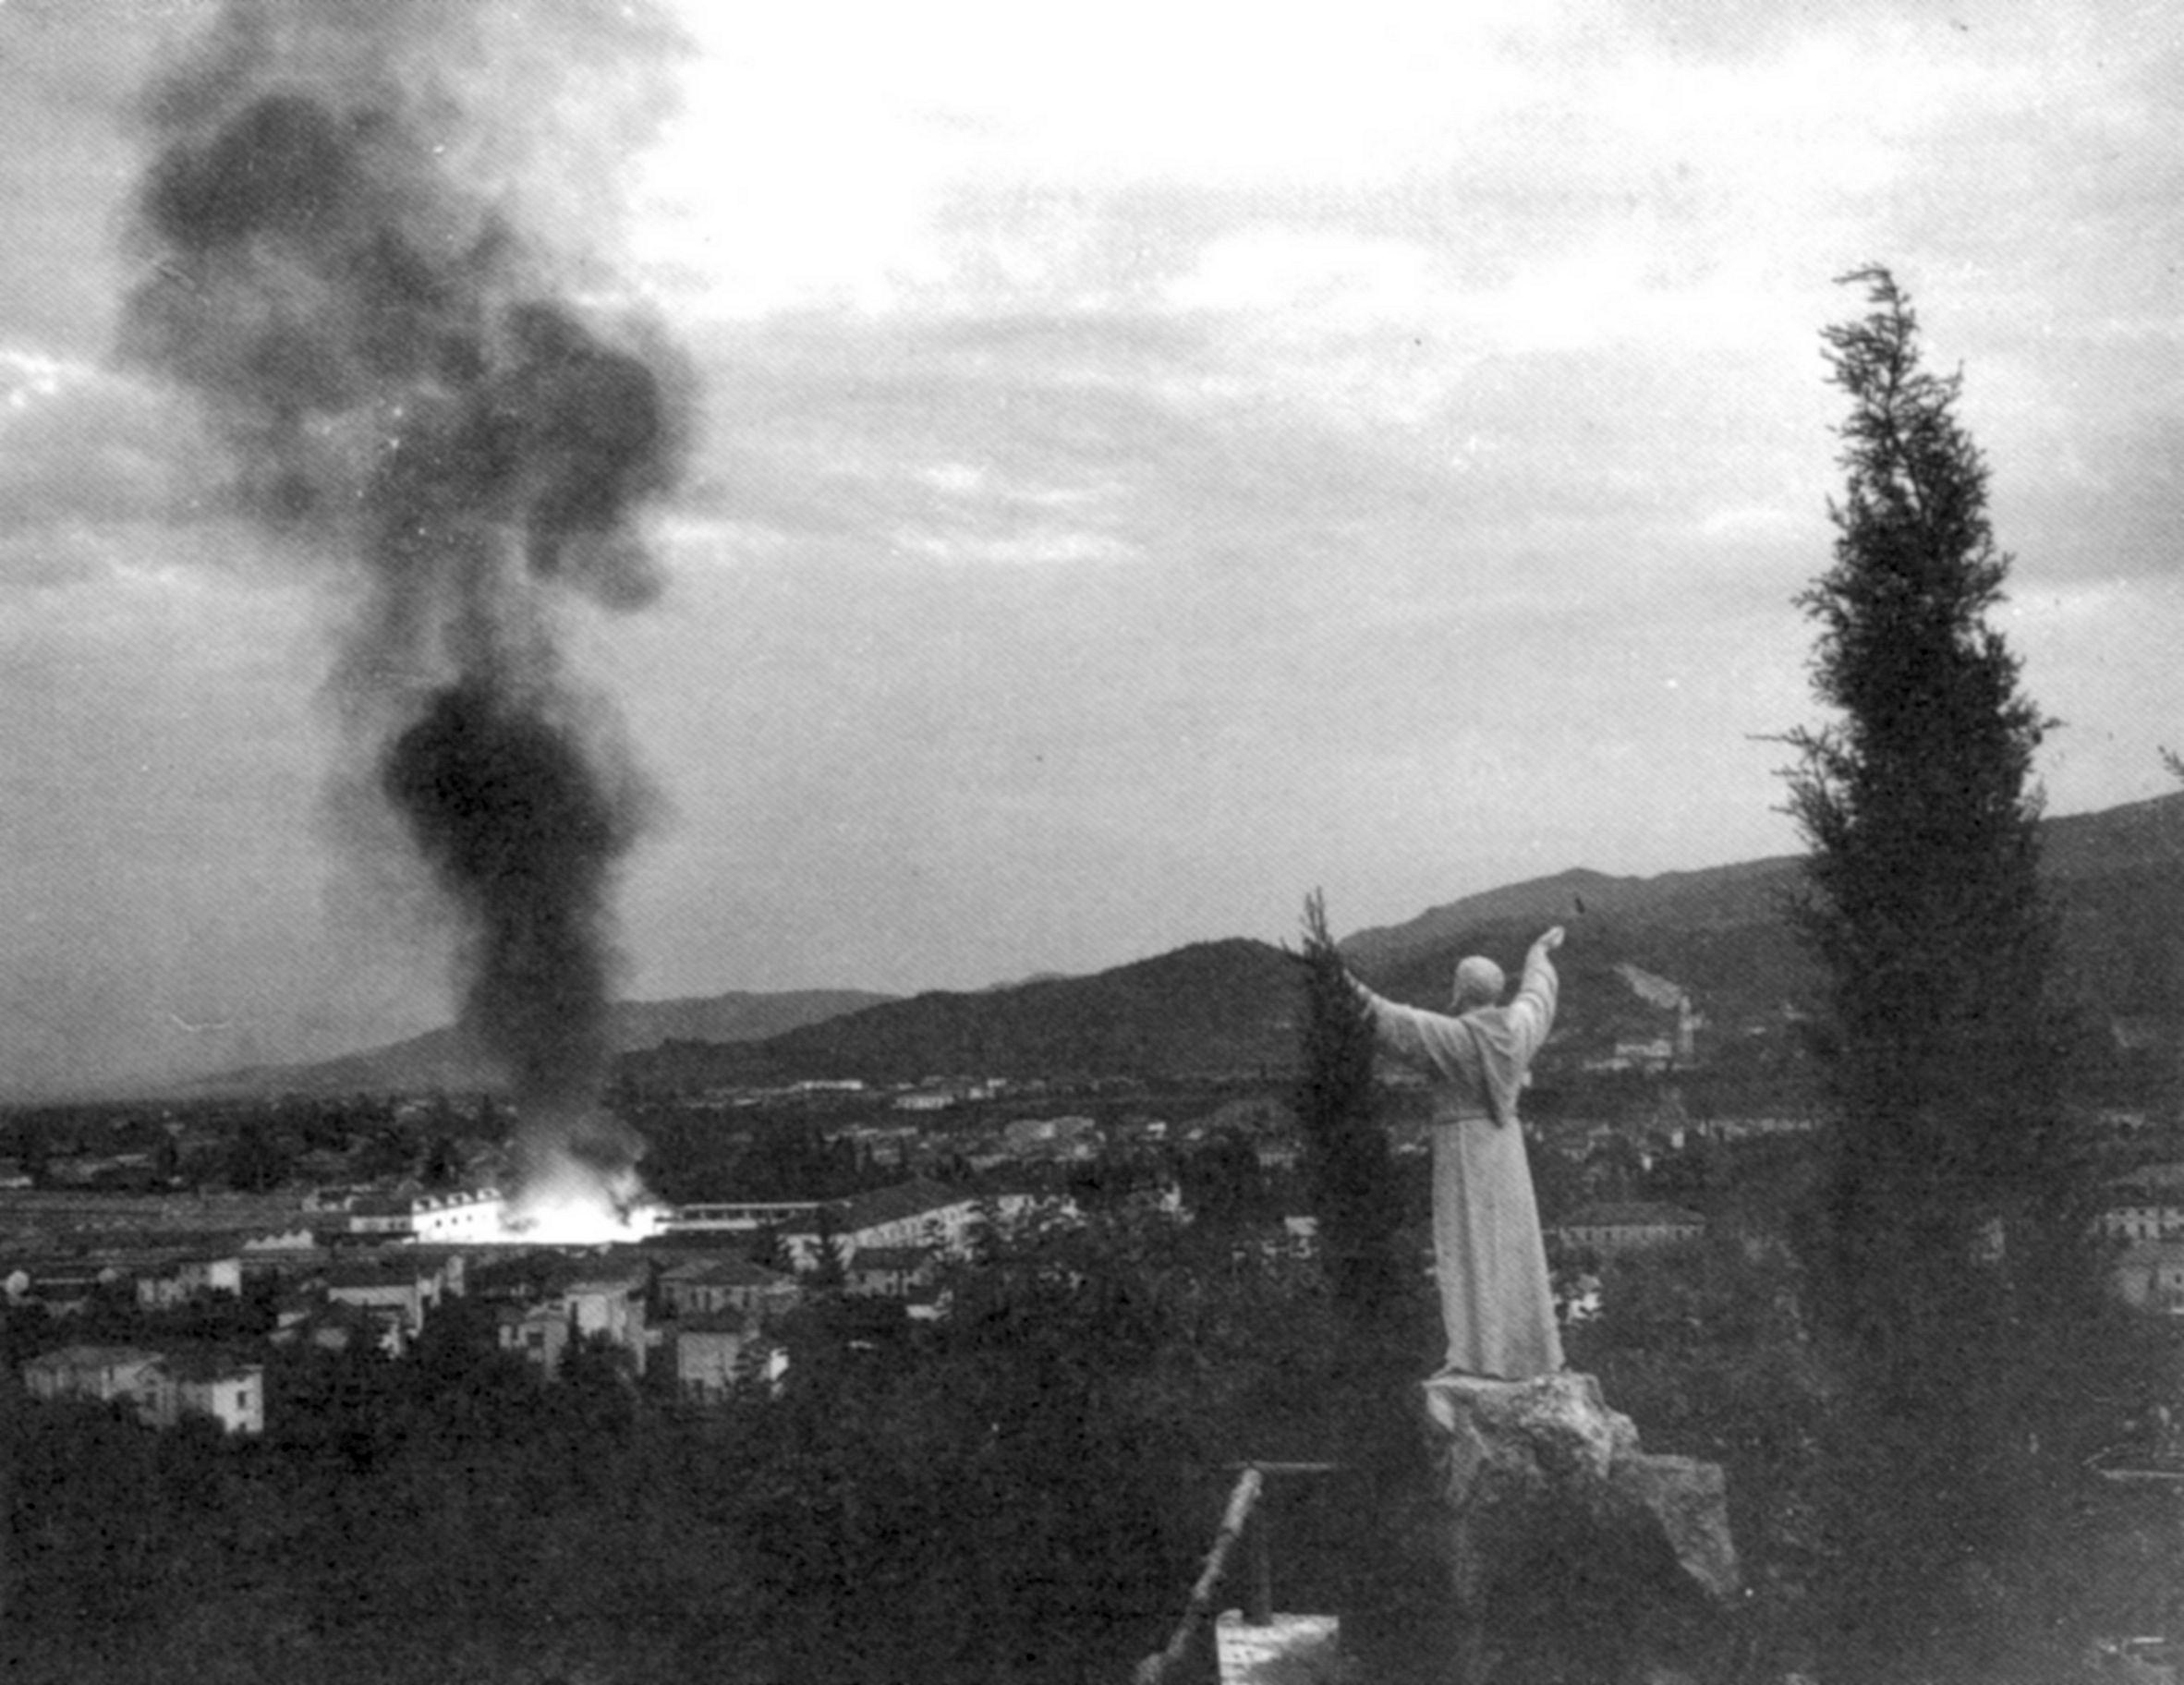 bombardamento_lanificio_rossi_schio_14-02-1945_01